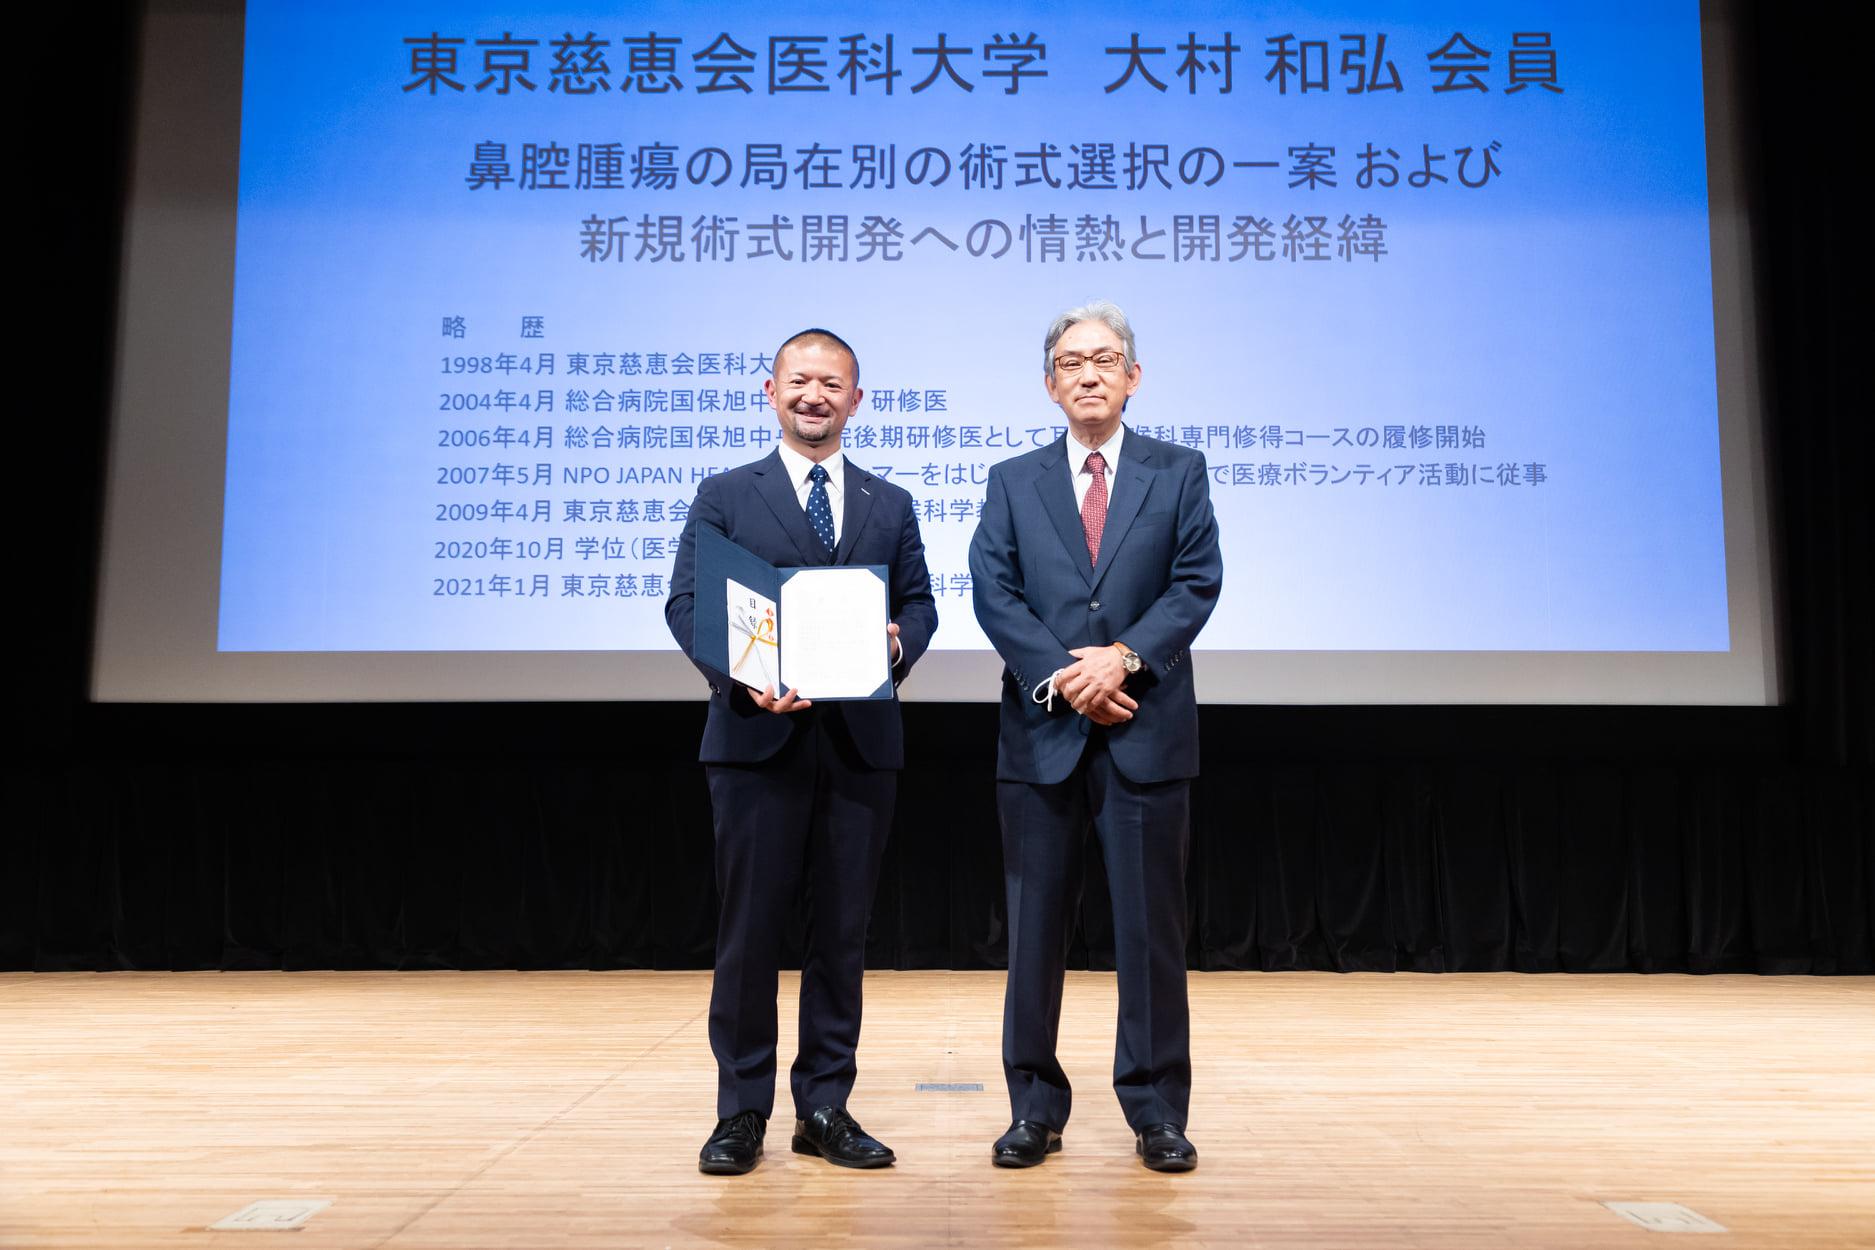 第28回鼻科学会賞を大村和弘が受賞